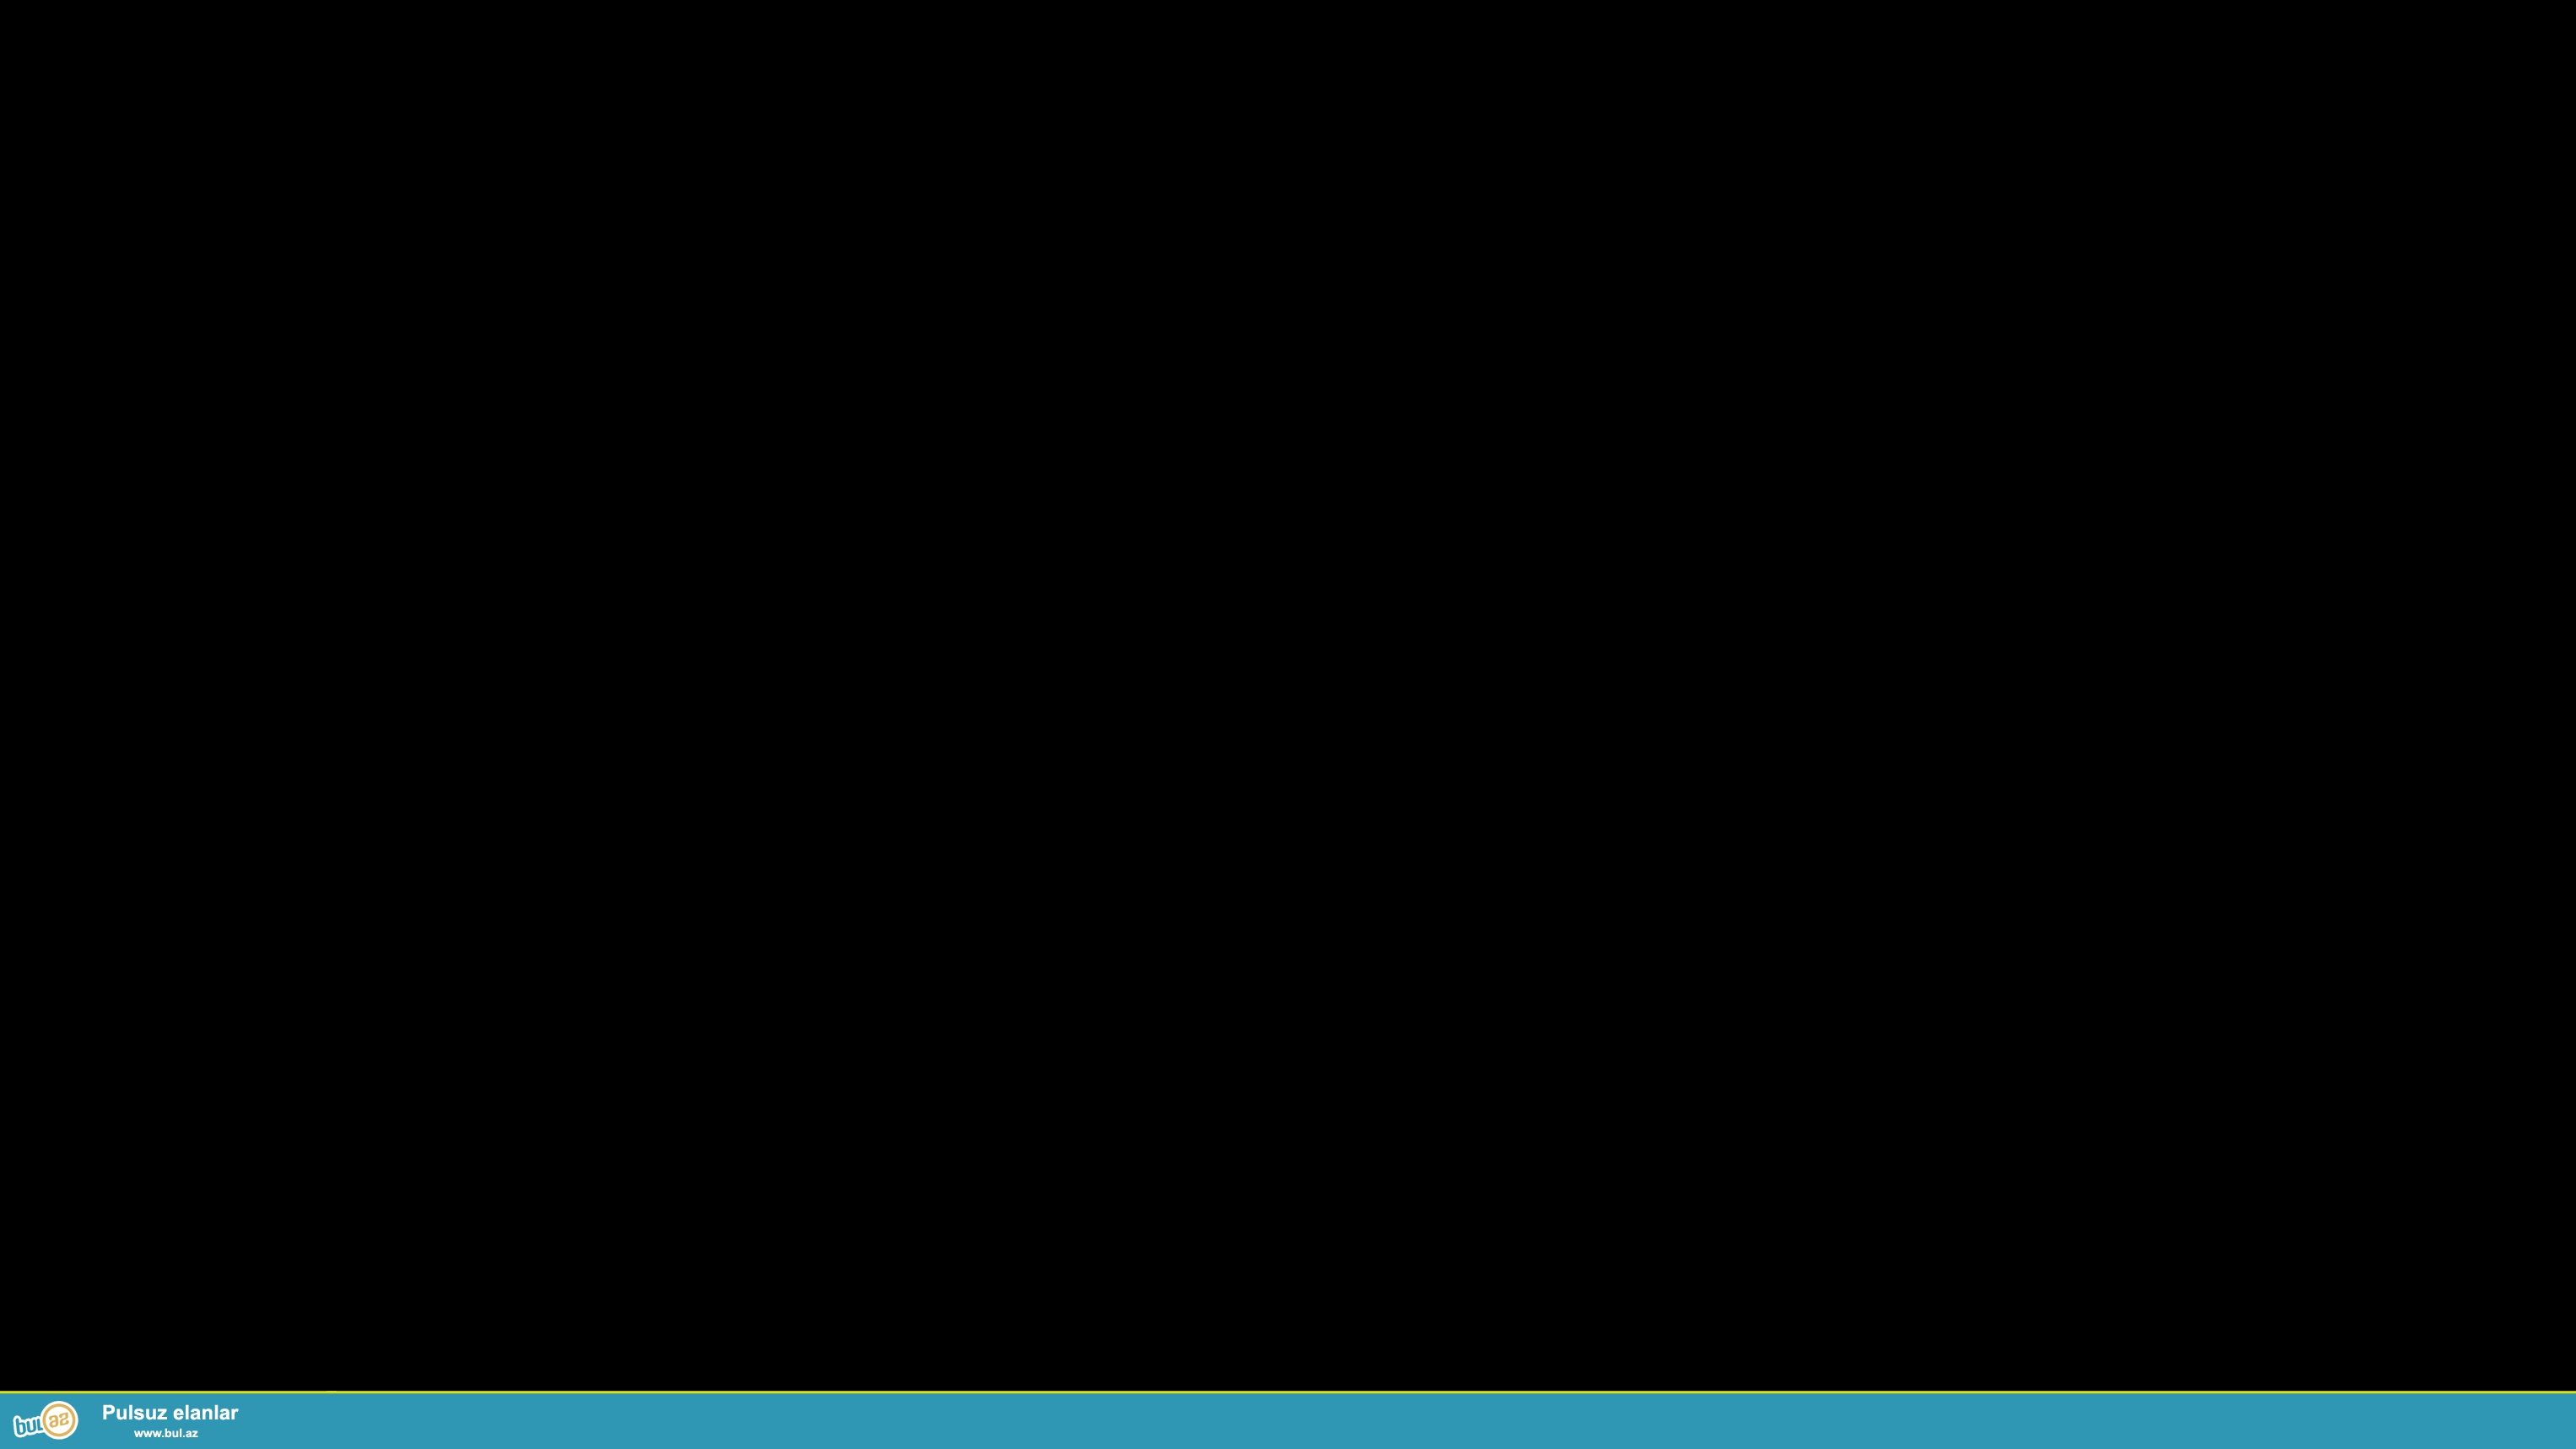 QUŞÇULUQ İLƏ MEŞQUL OLANLARIN NƏZƏRİNƏ!!!<br /> <br /> Cücələrin 1 gündən 40 gününə qədər yemlənməsi üçün tövsiyyə edilən ən unikal yem reseptidir...